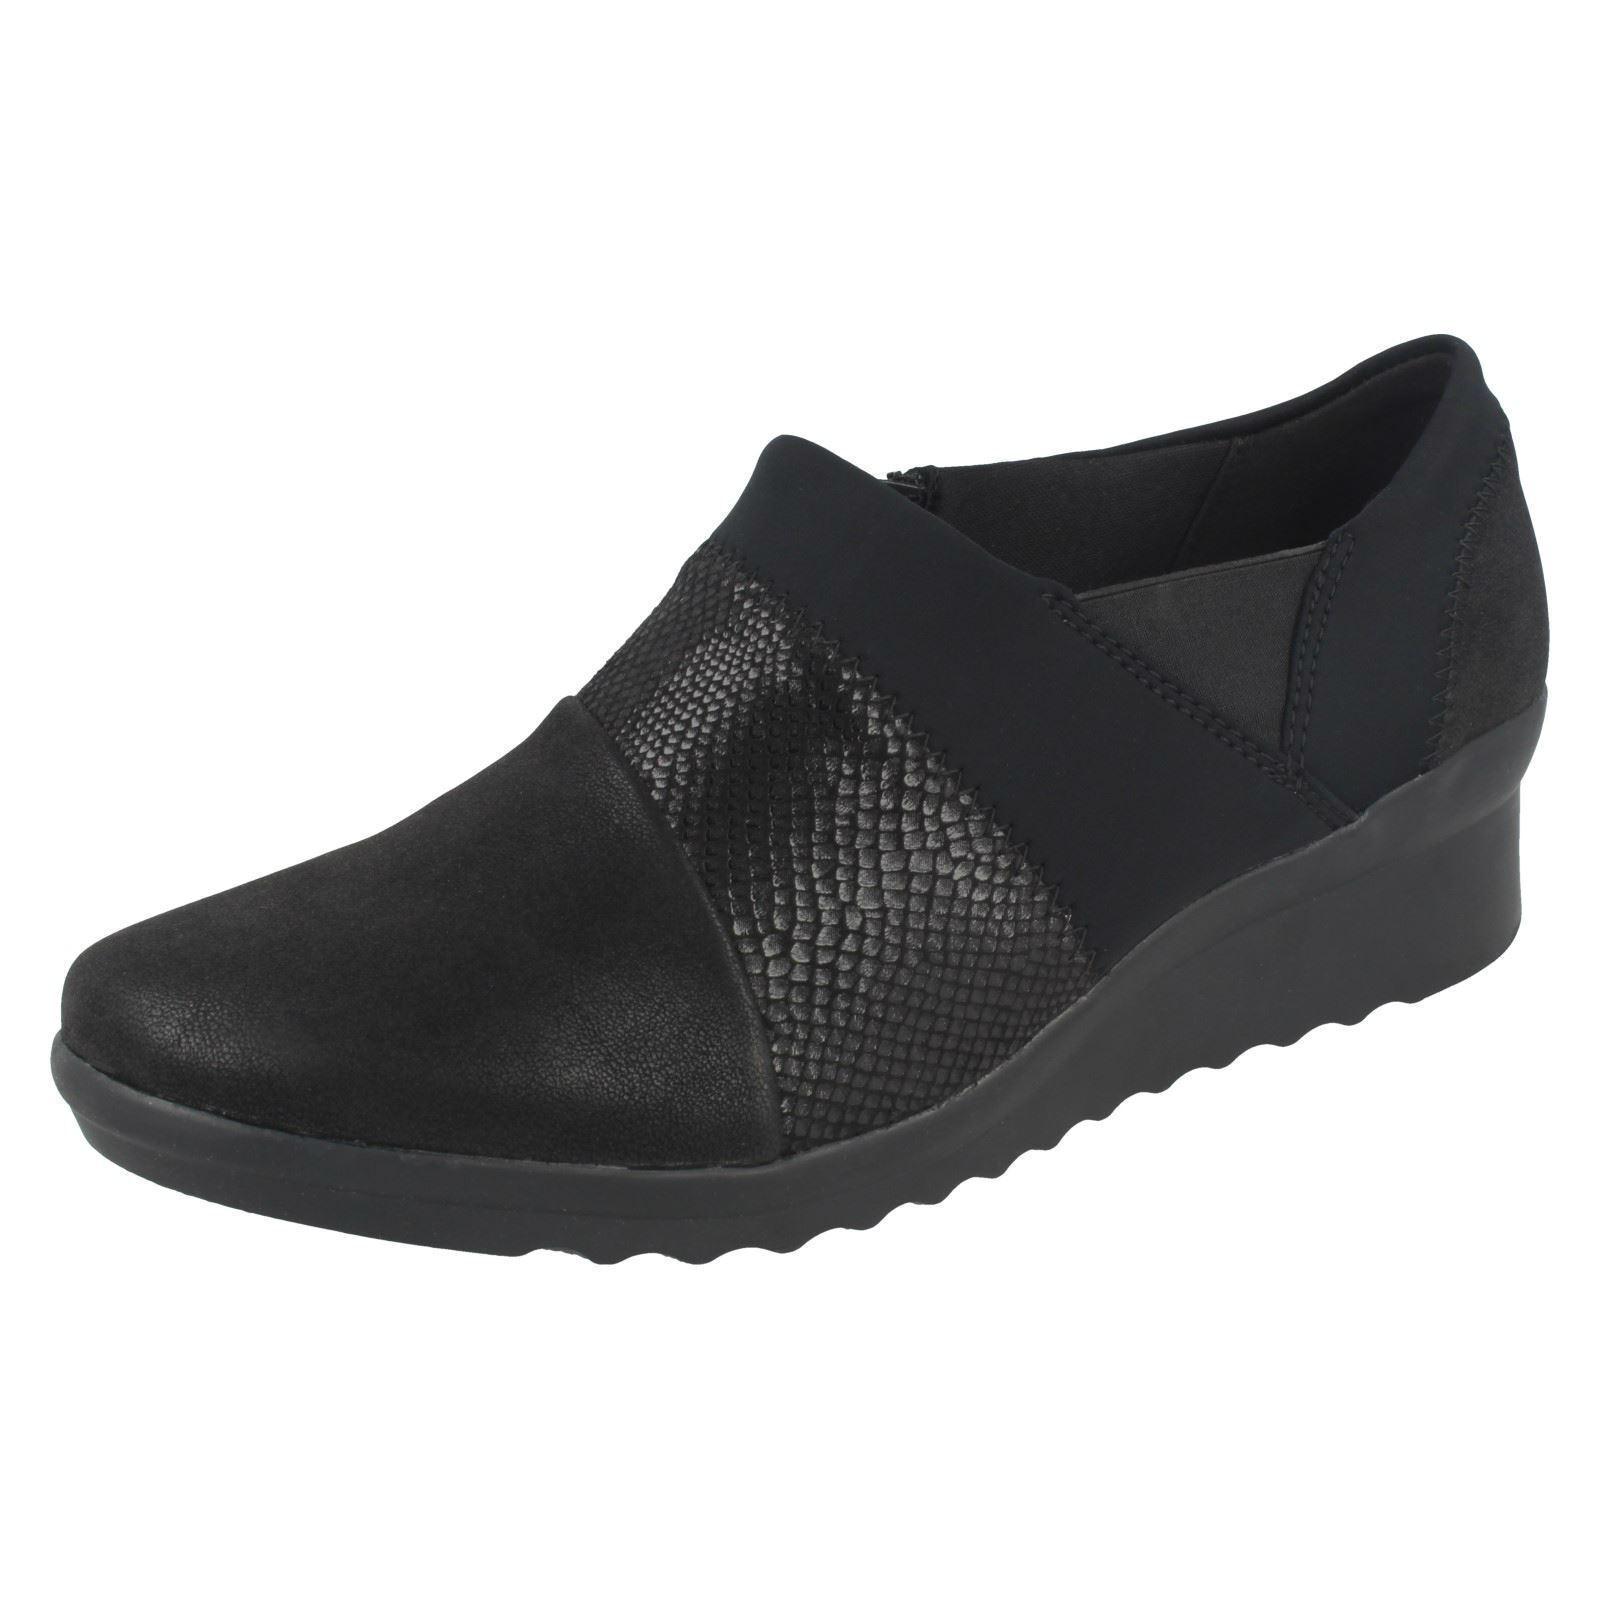 Moda barata y hermosa Descuento por tiempo limitado Mujer Clarks Zapatos - caddell denali